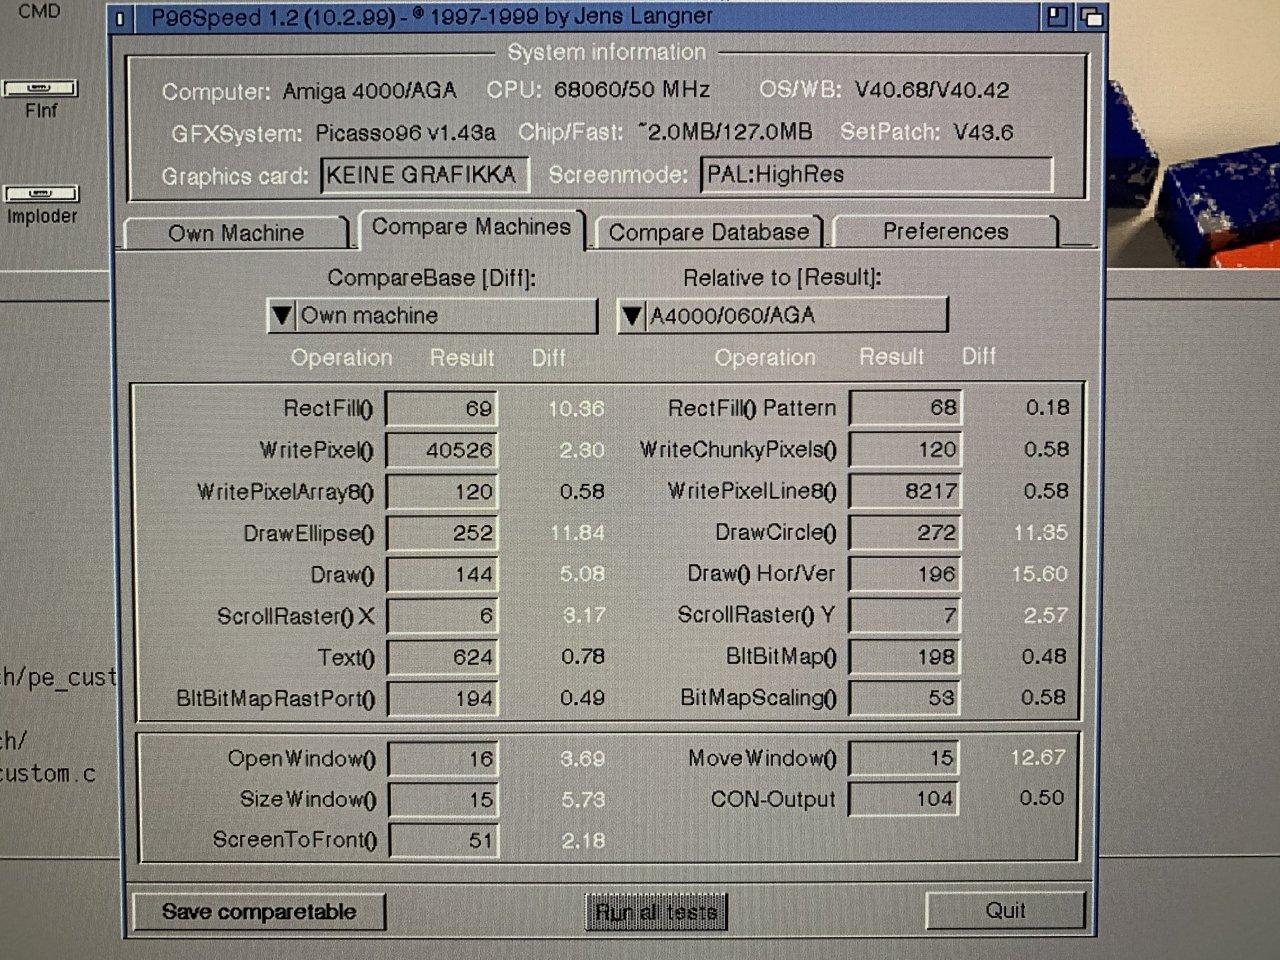 Klikněte na obrázek pro zobrazení větší verze  Název: C513B9D9-B0D9-47E7-8845-711A9CAD622E.jpeg Zobrazeno: 31 Velikost: 325,9 KB ID: 9626